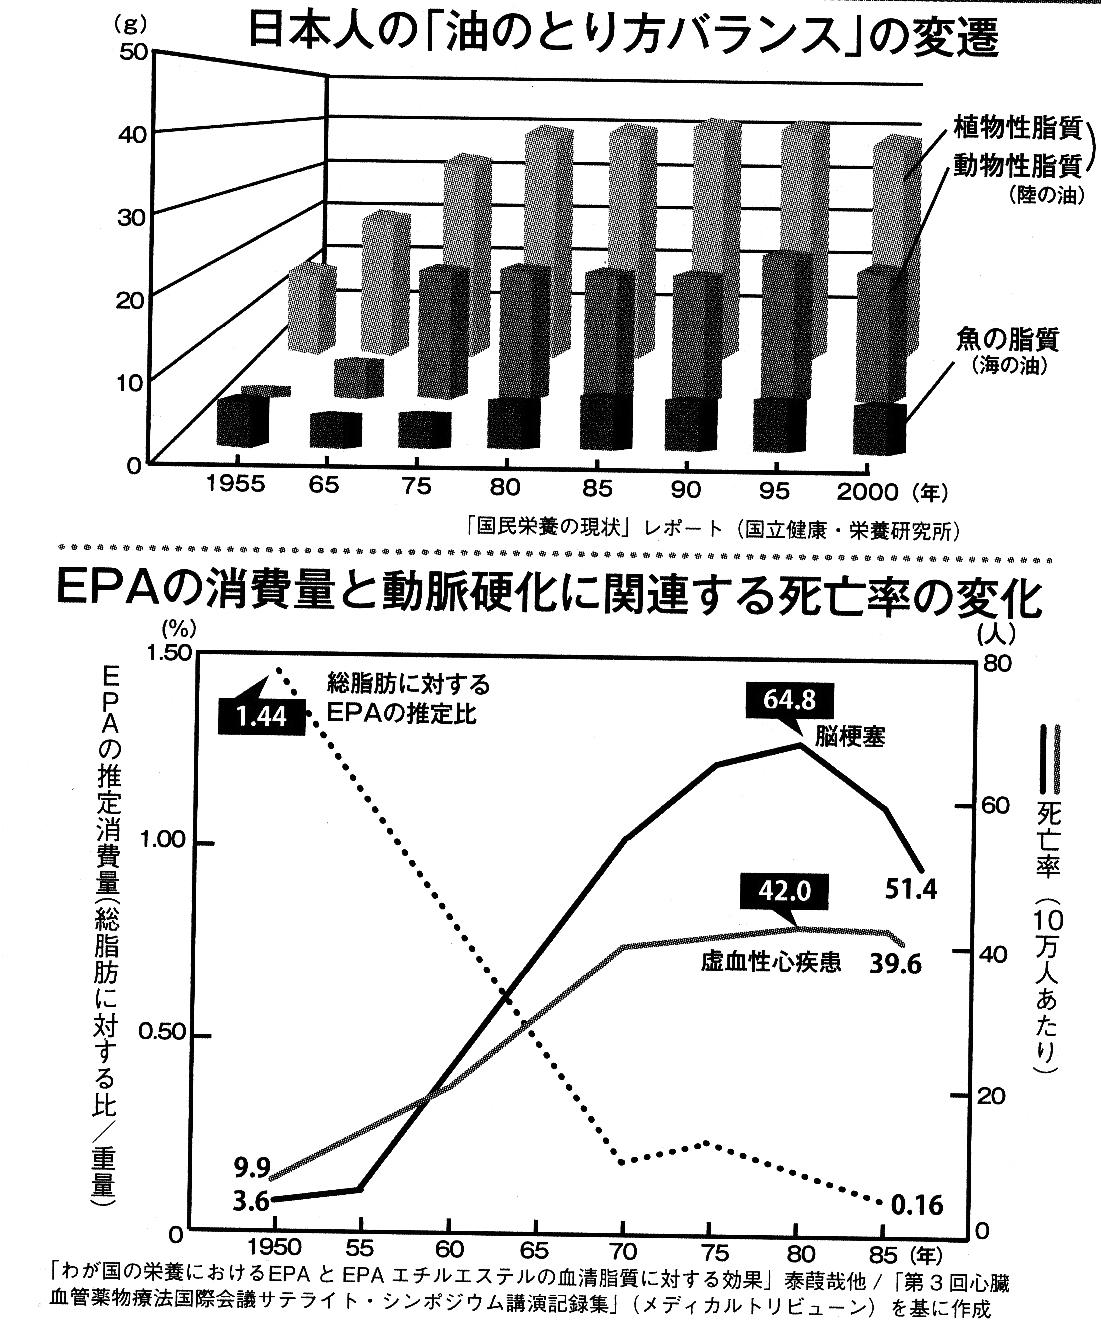 油の摂り方変遷.jpg